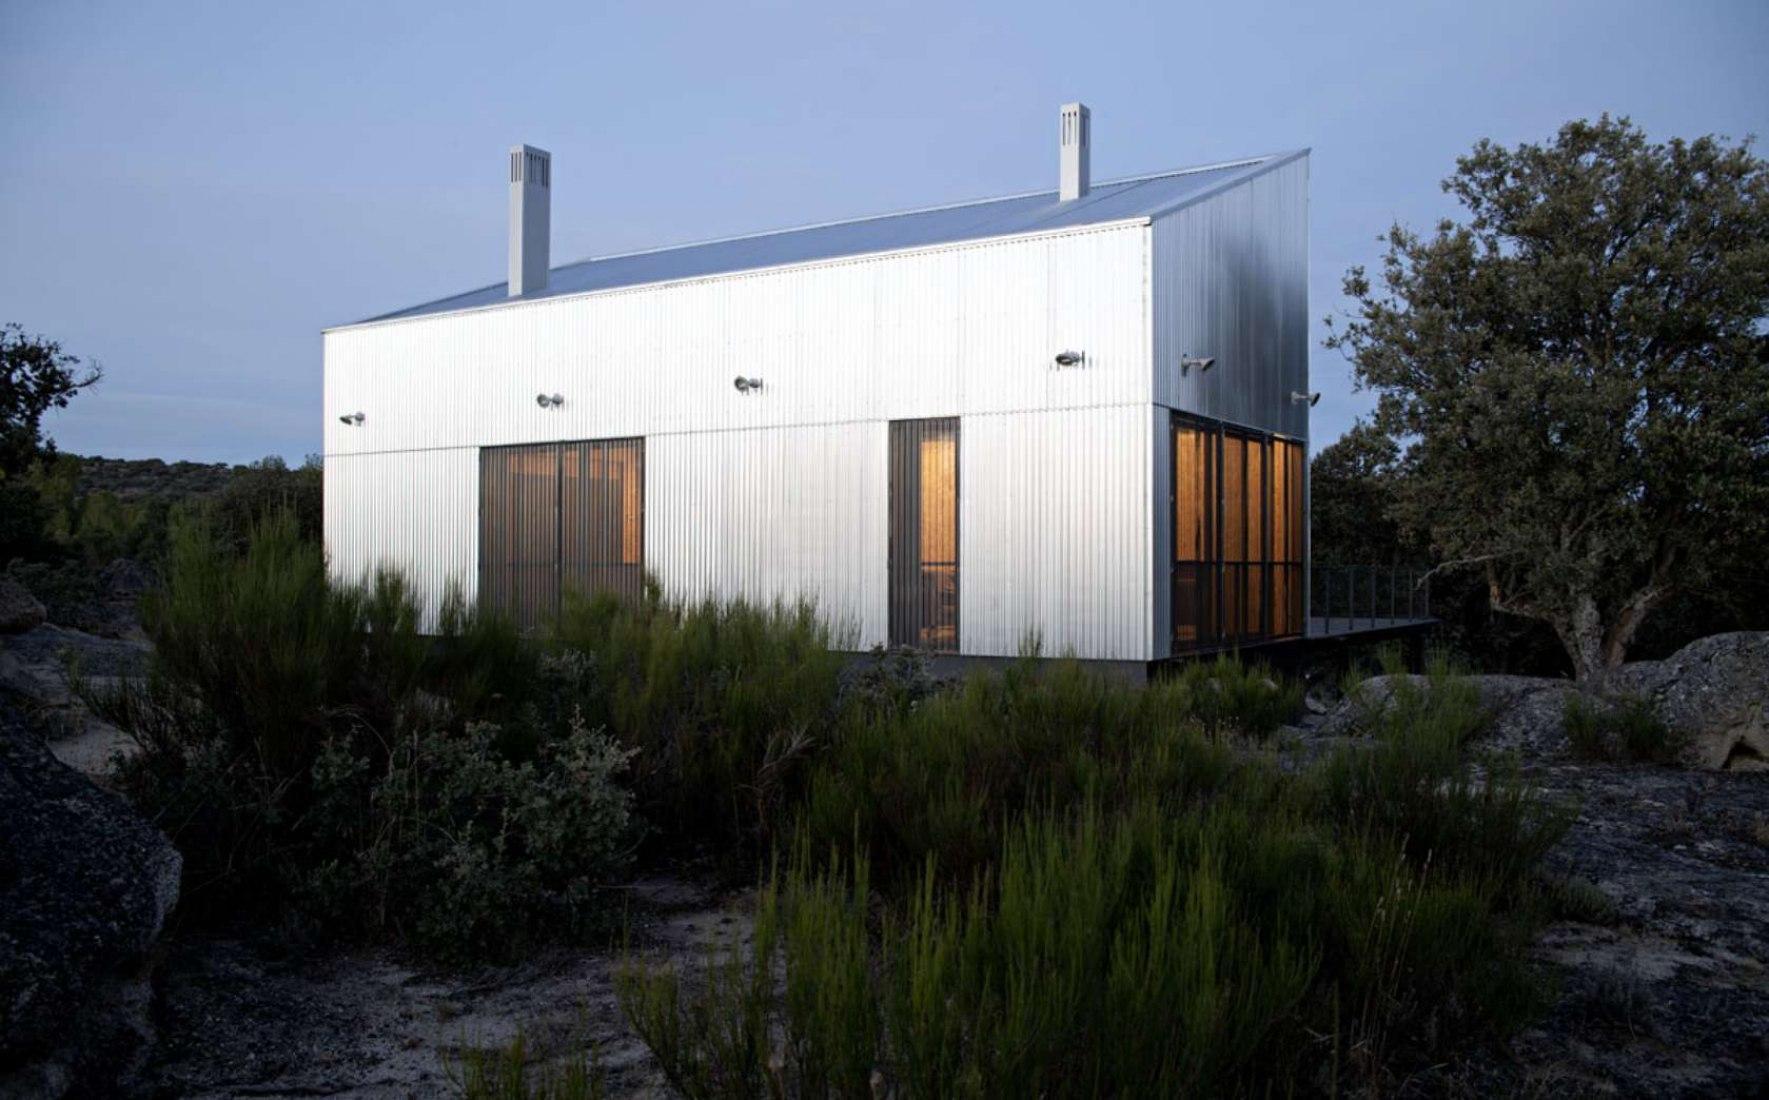 Casa Garoza 10.1. por Herreros Arquitectos. Fotografía © Javier Callejas